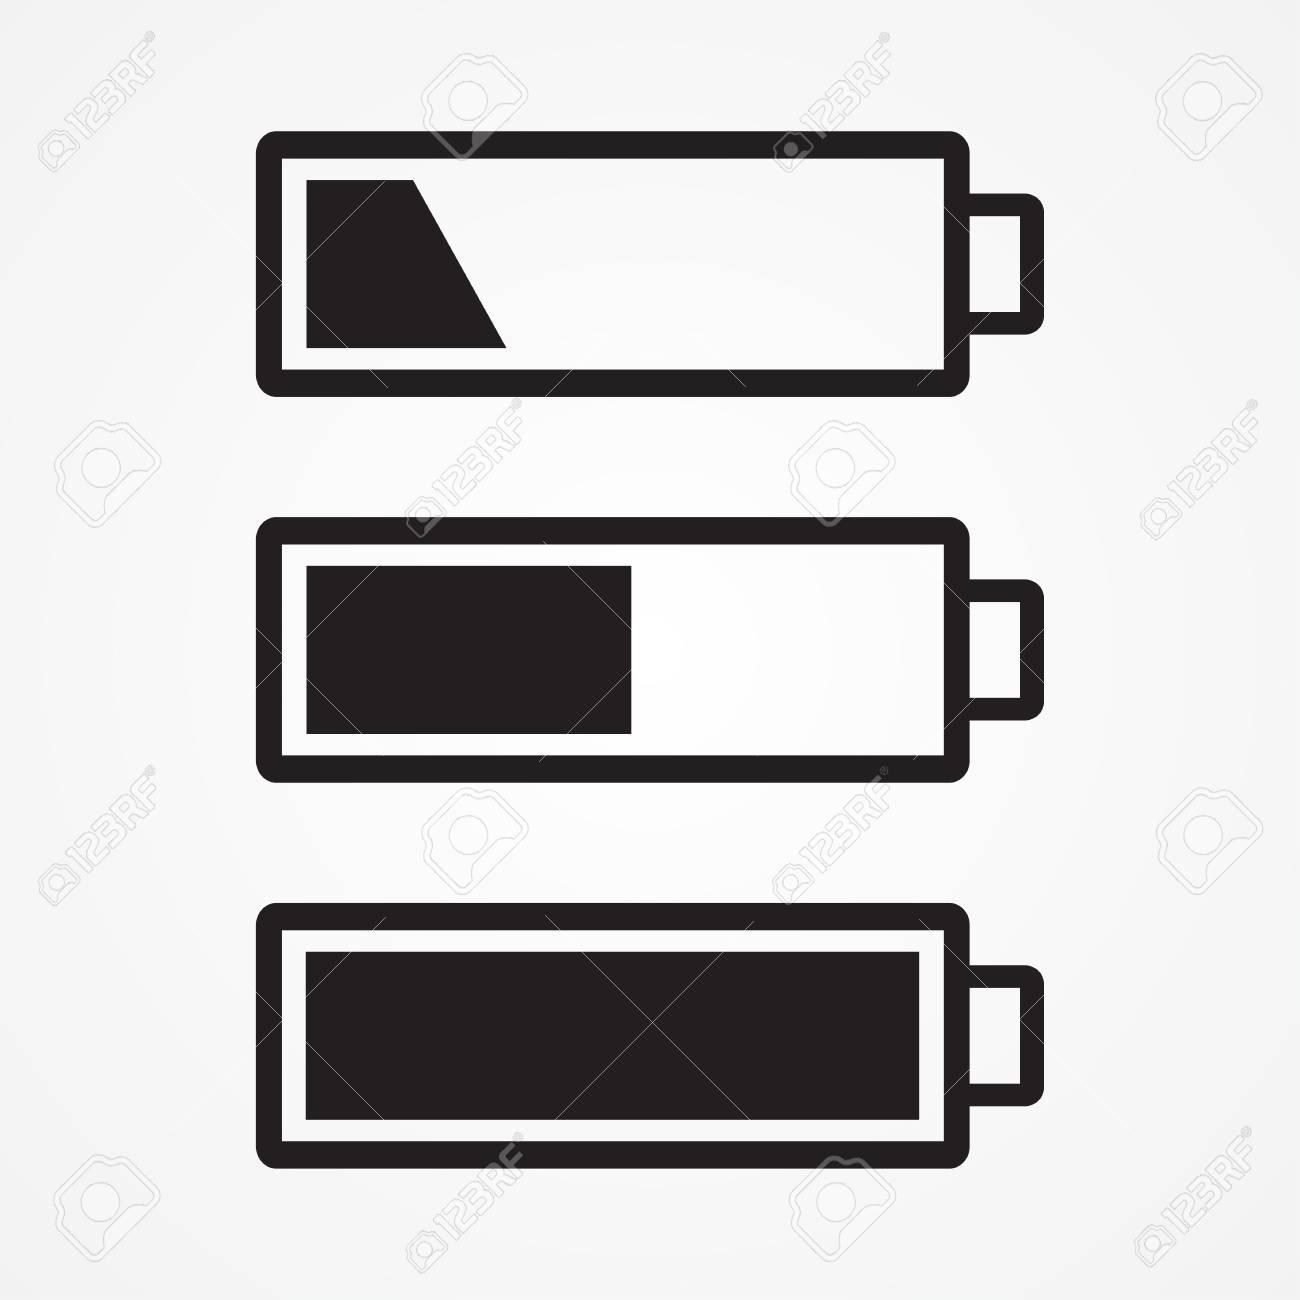 Schön Symbol Für Batterie Bilder - Elektrische Schaltplan-Ideen ...